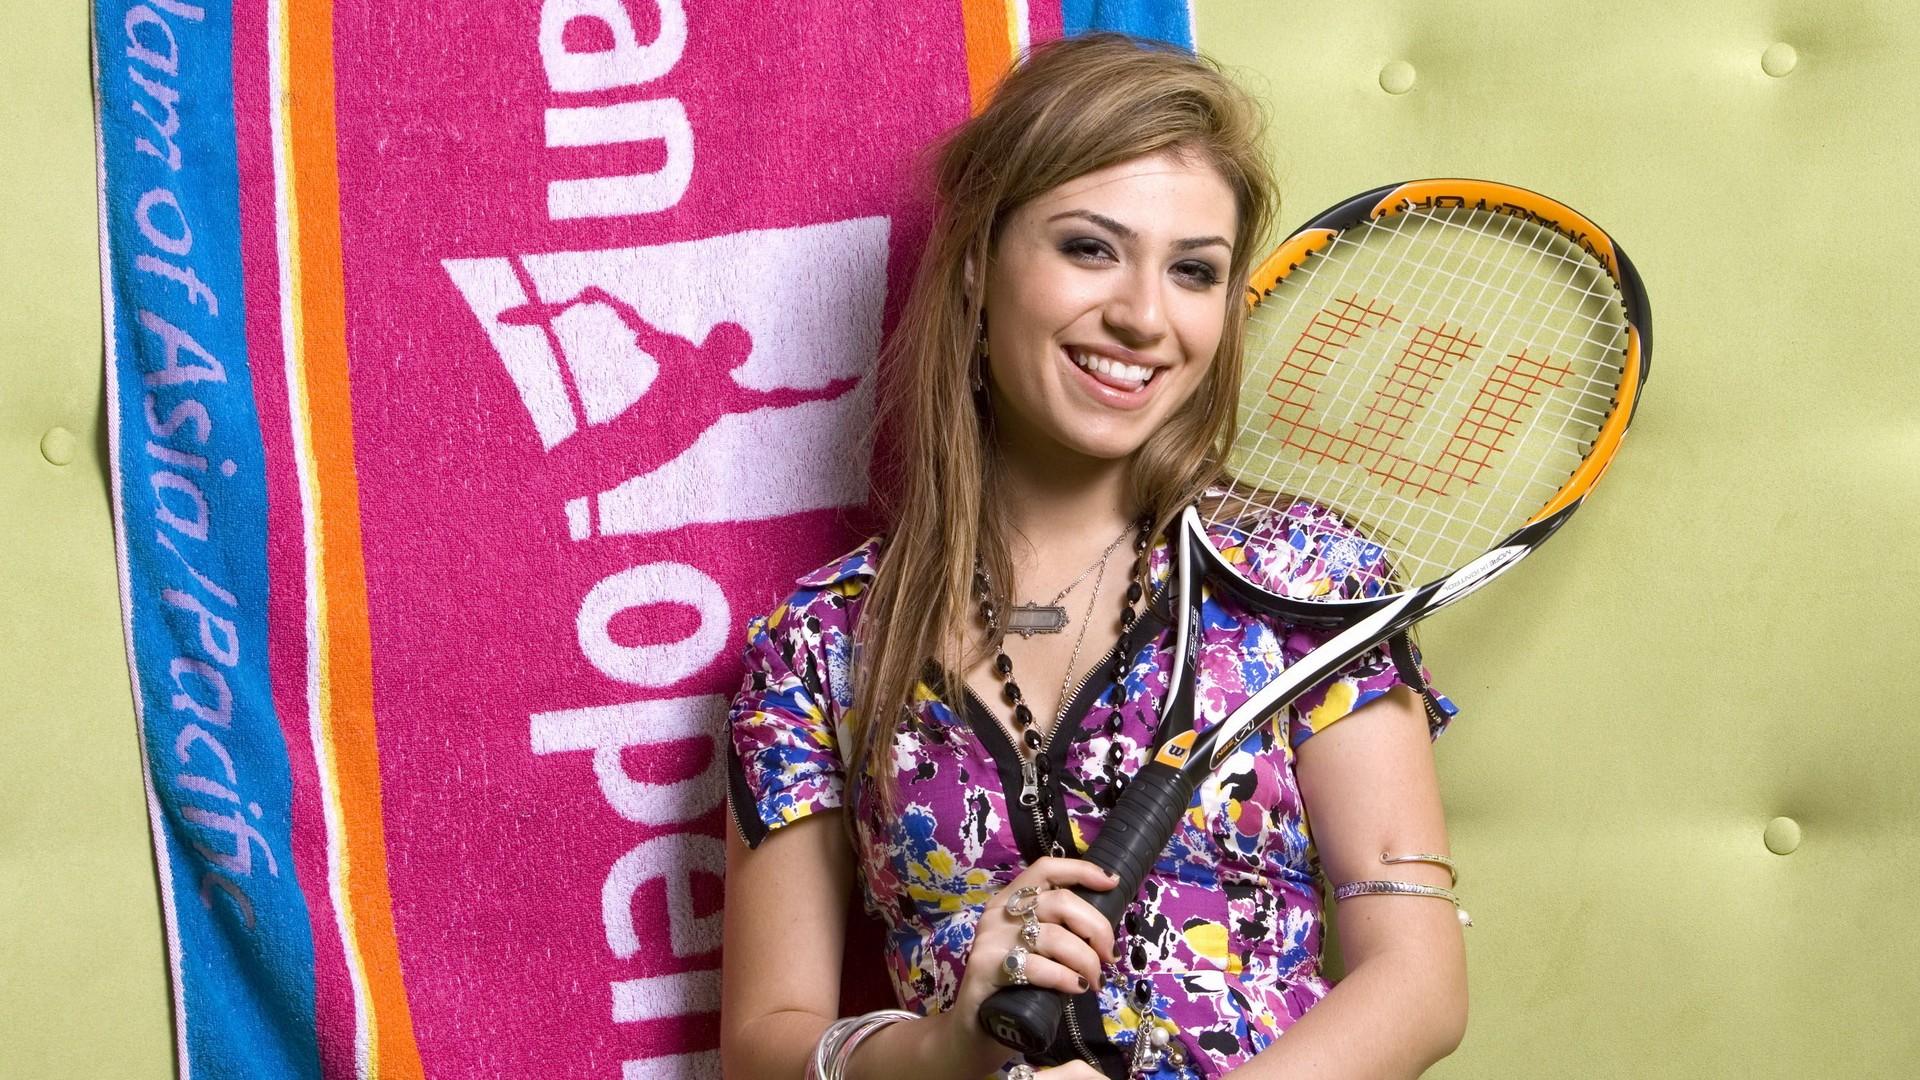 Una linda tenista - 1920x1080